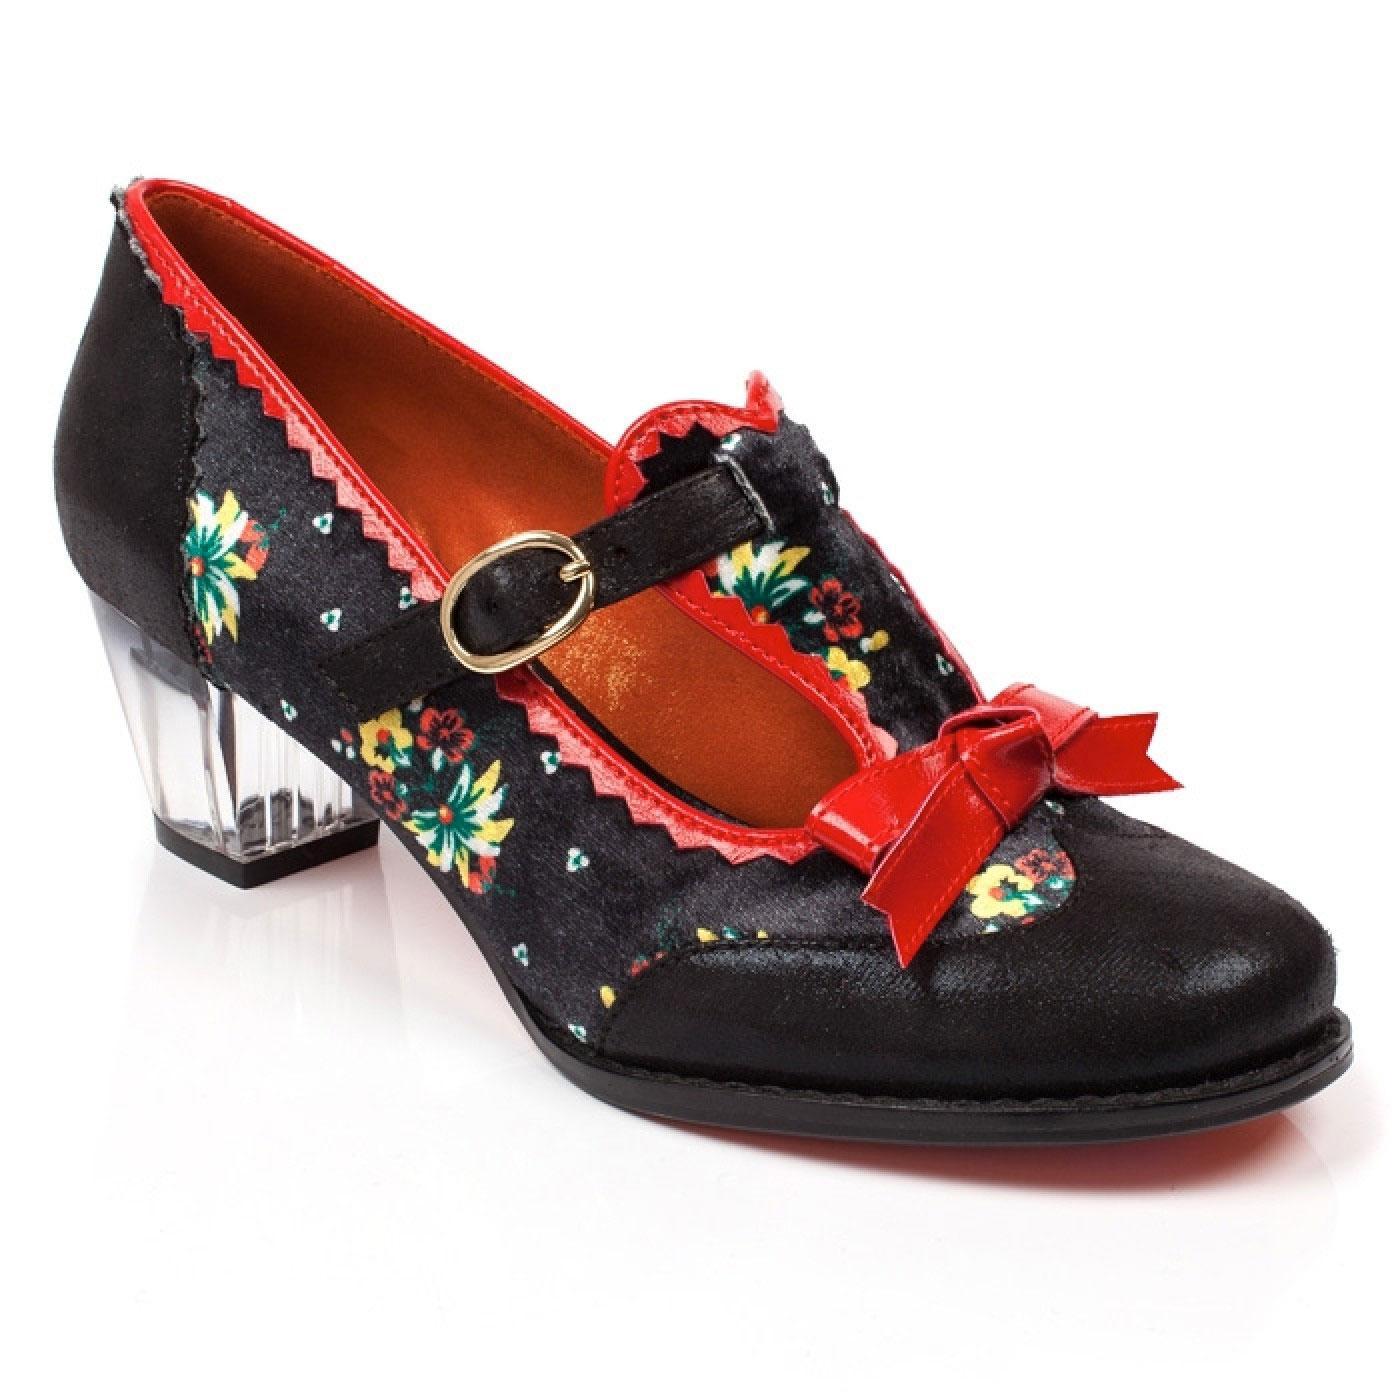 Floral Feeling POETIC LICENCE Vintage Heels Black